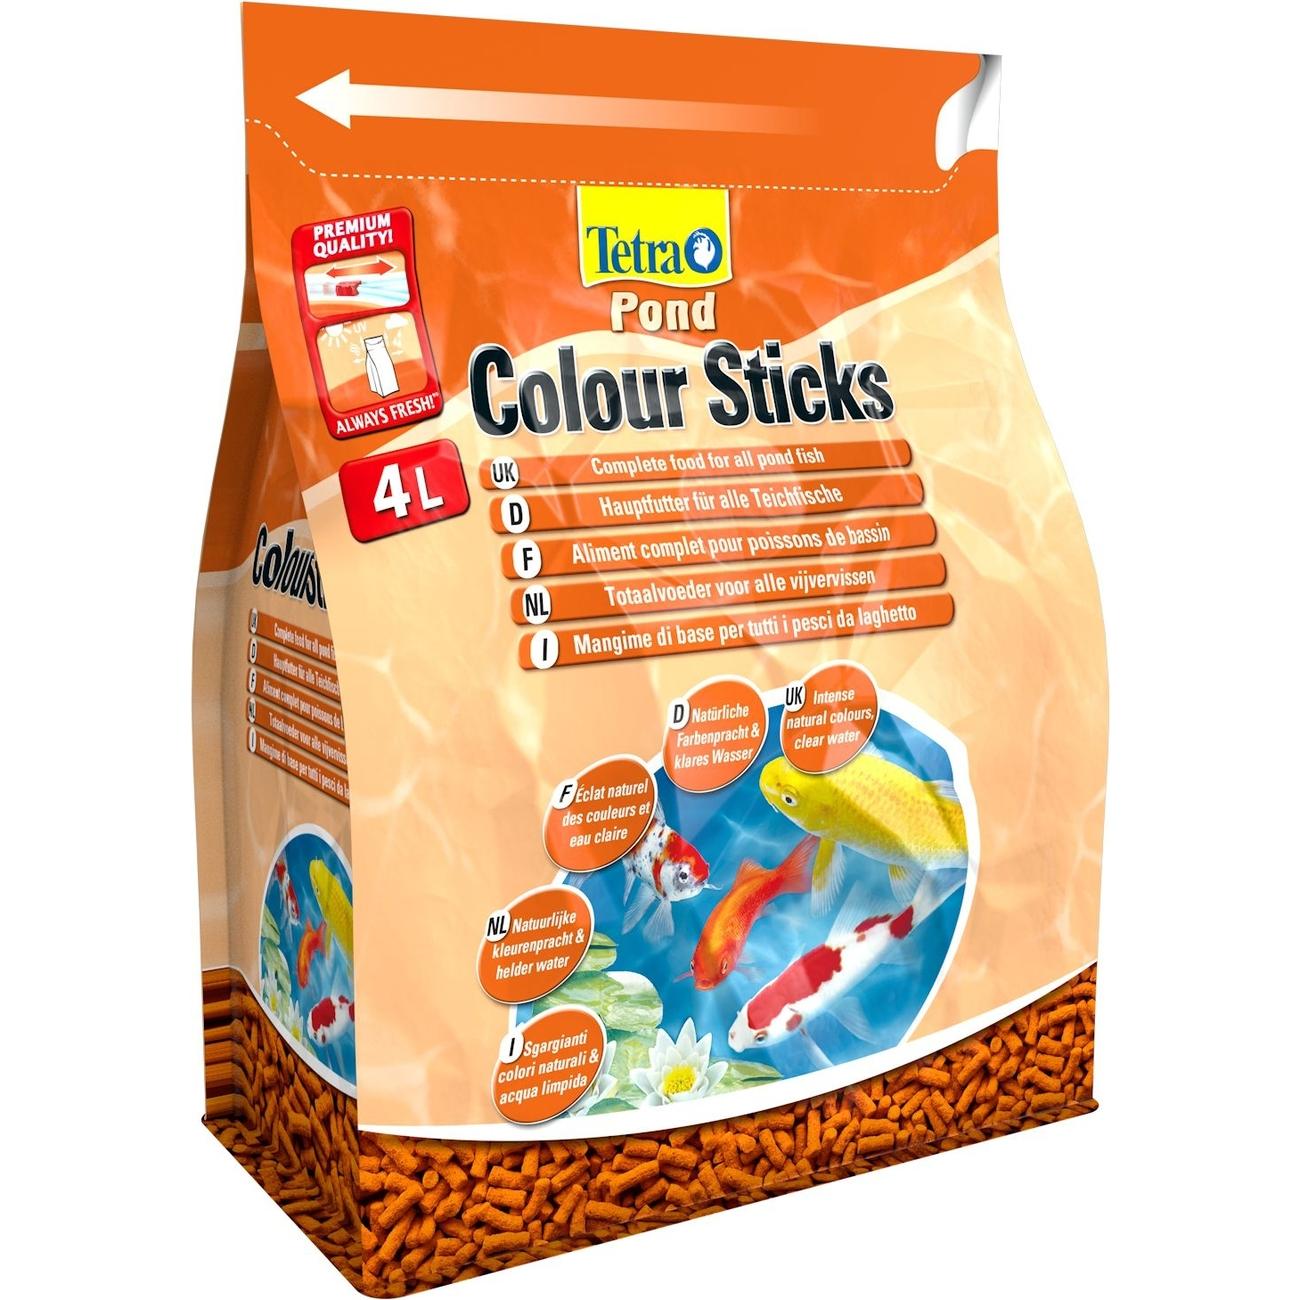 Tetra Pond Colour Sticks, Bild 2